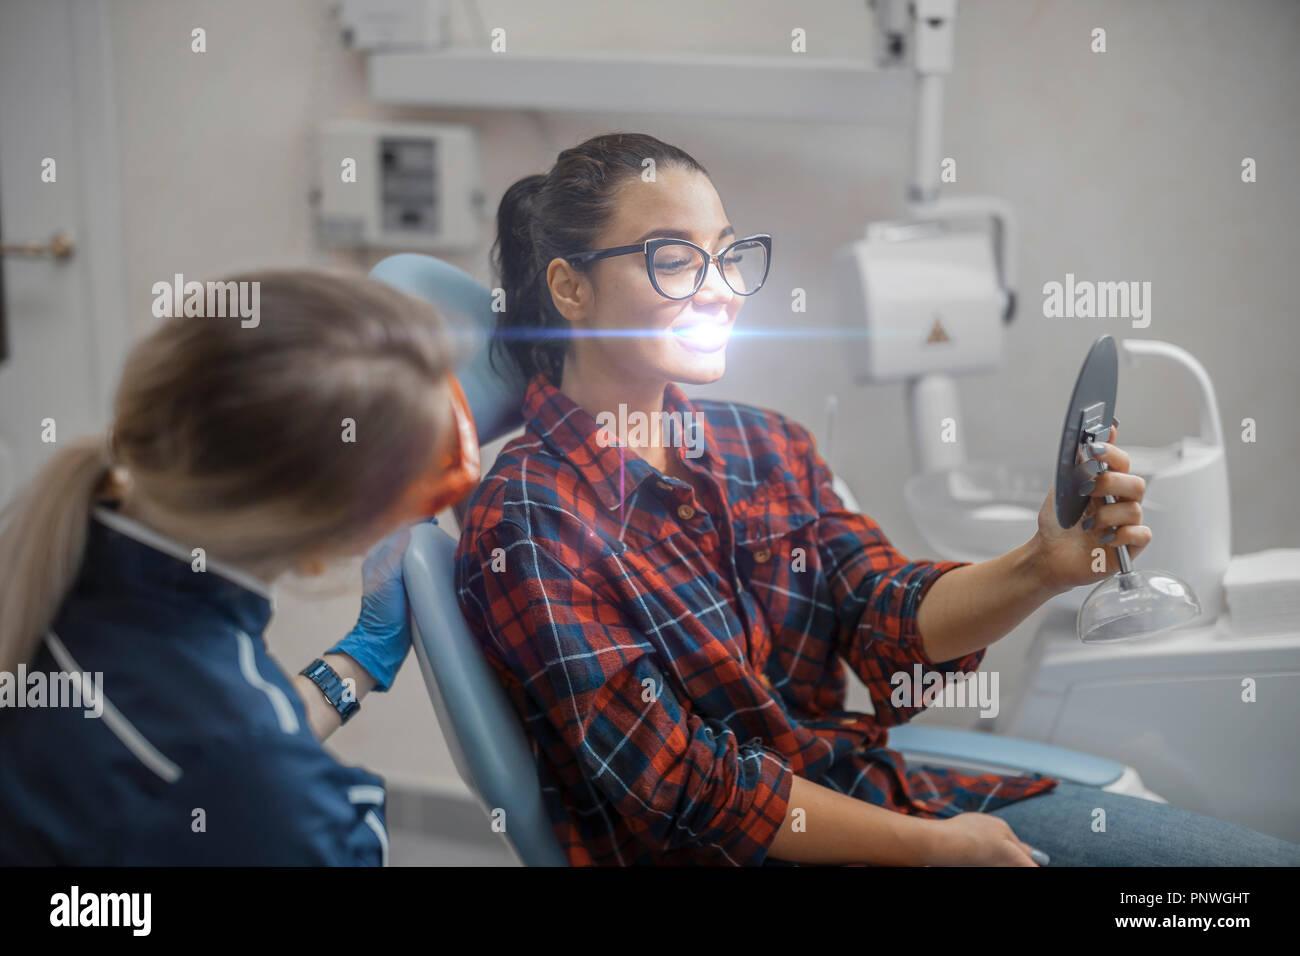 Nahaufnahme von Frau Zahnarzt und junge Frau client Holding Spiegel und lächelt. Stockbild